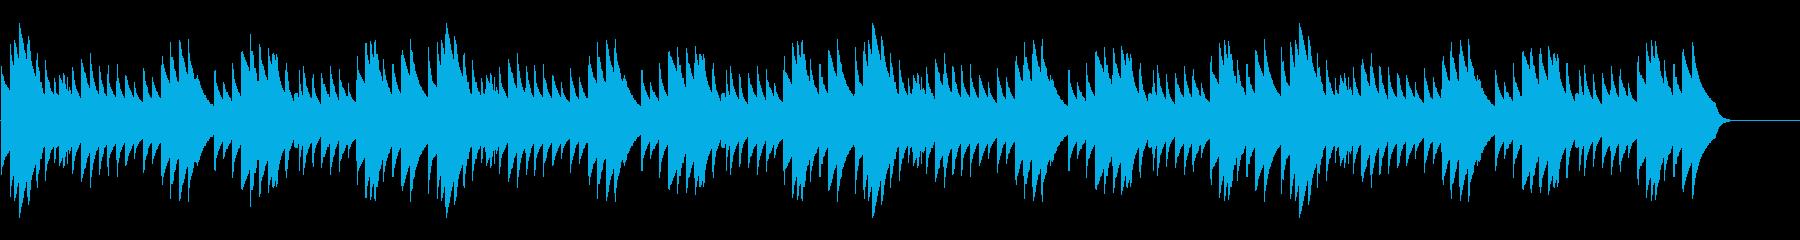 シャボン玉・遅い 16bit44kHzの再生済みの波形